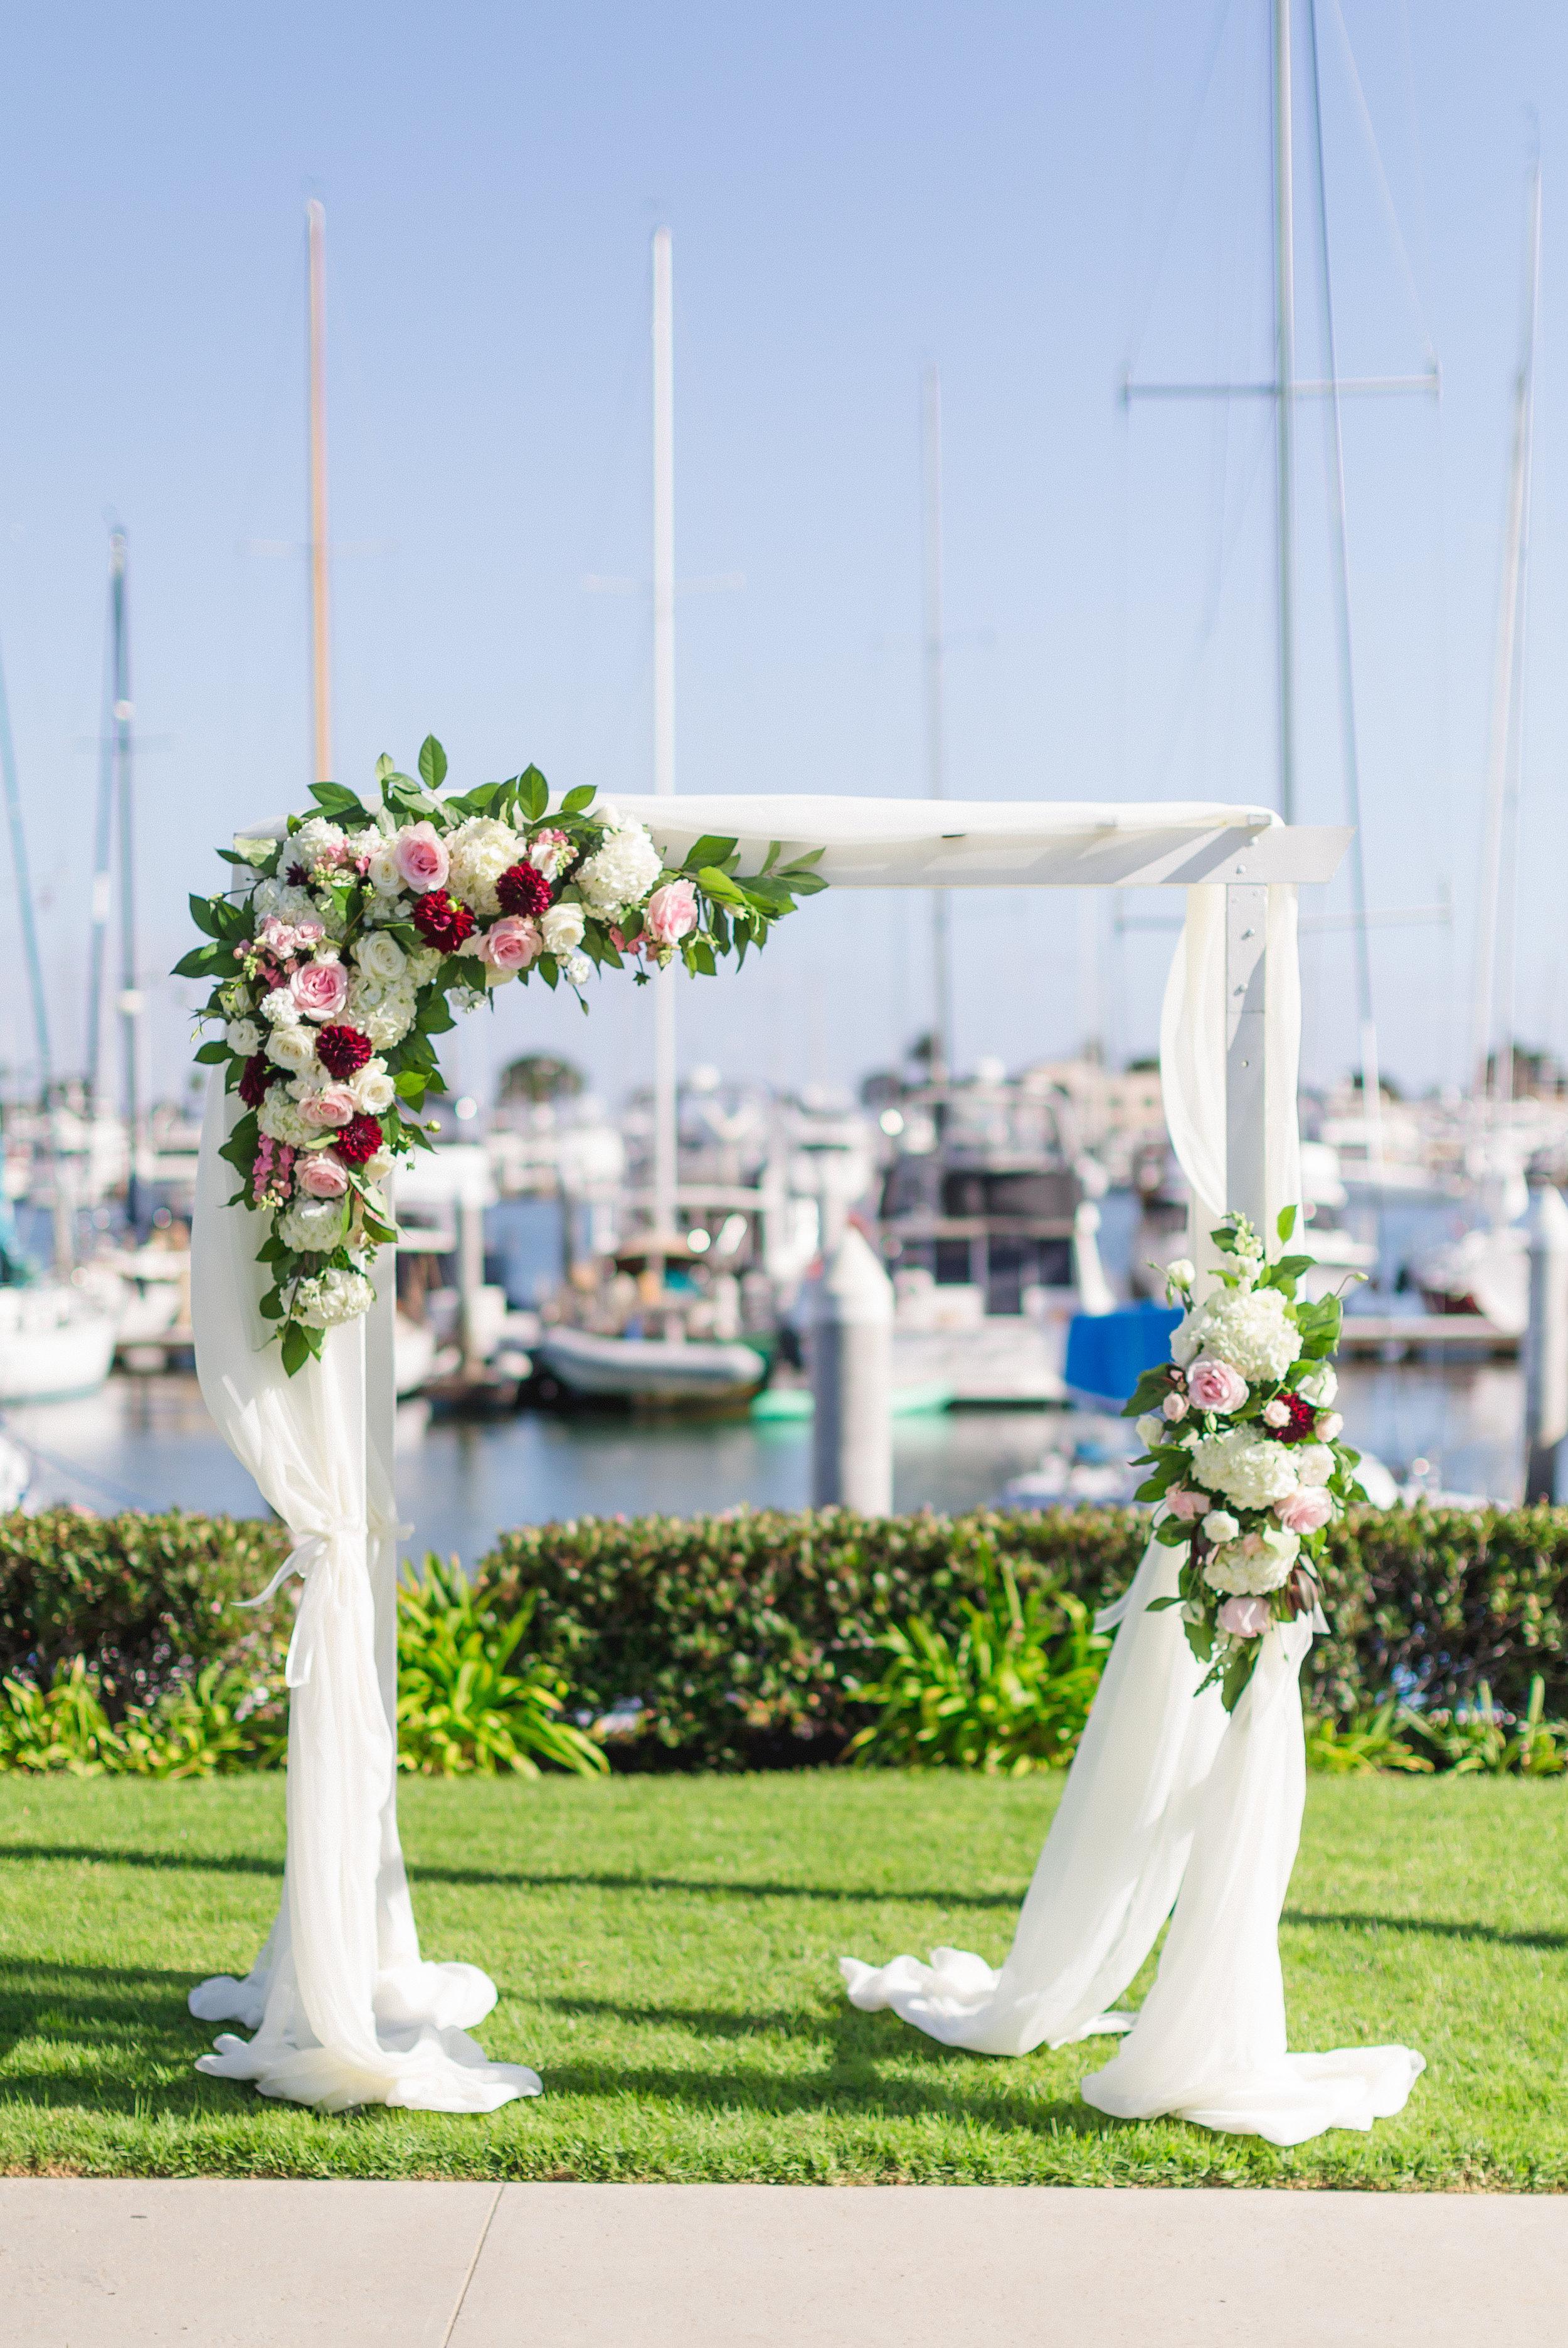 Becca_Mark_Southwestern_Yacht_Club_Wedding_177.jpg